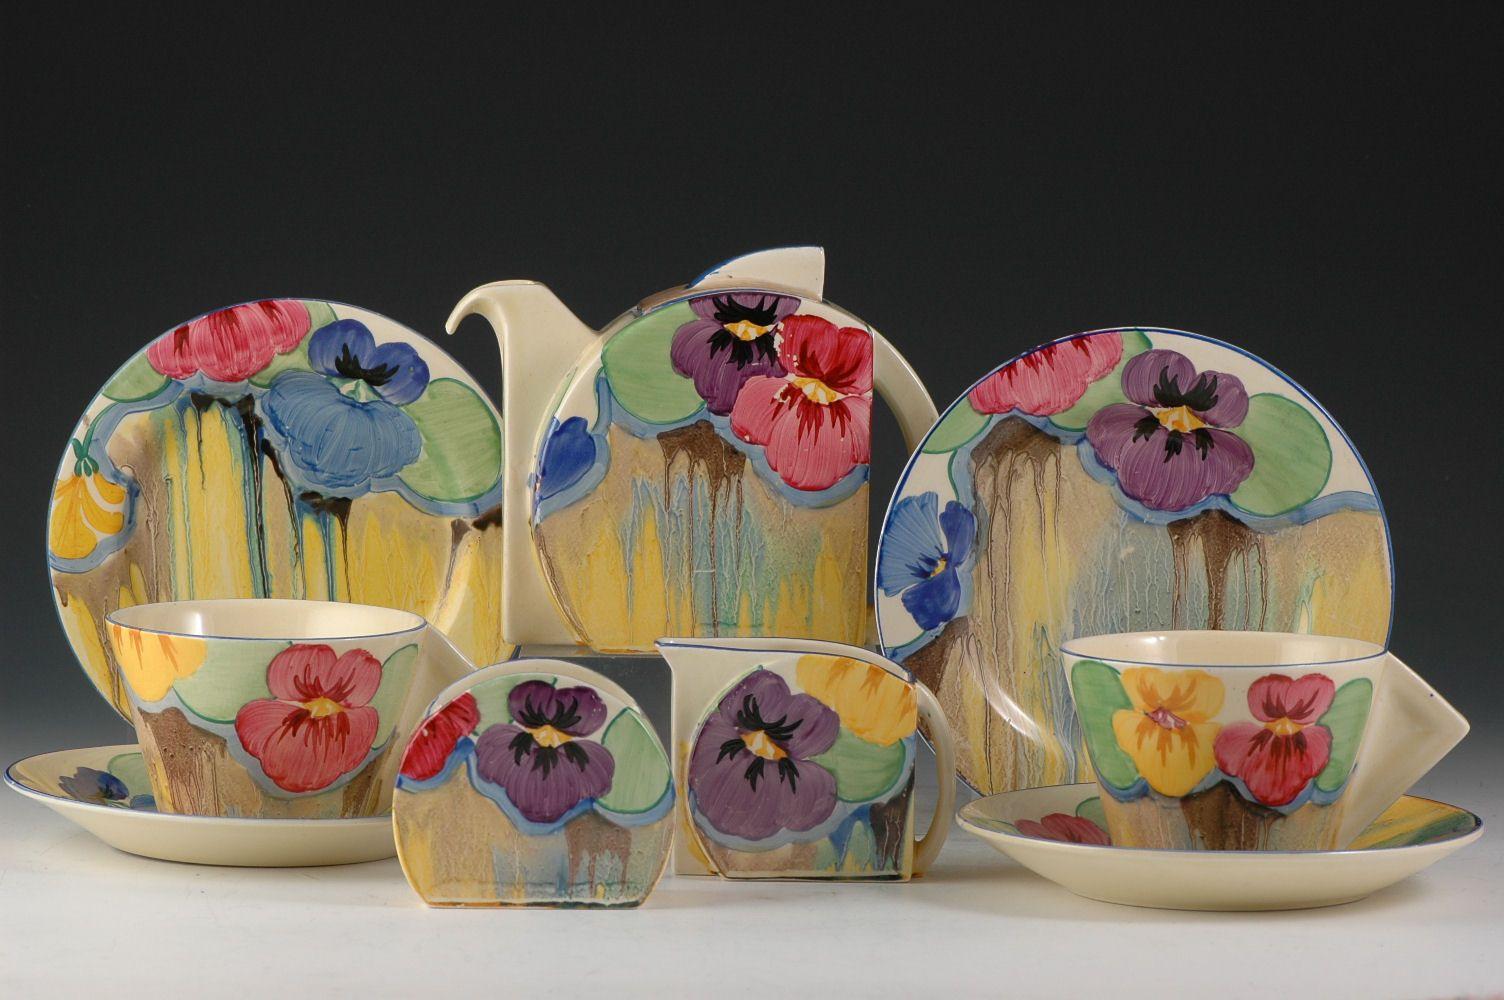 Clarice Cliff Moorcroft Art Deco Ceramics For Sale Clarice Cliff Pottery Art Pottery